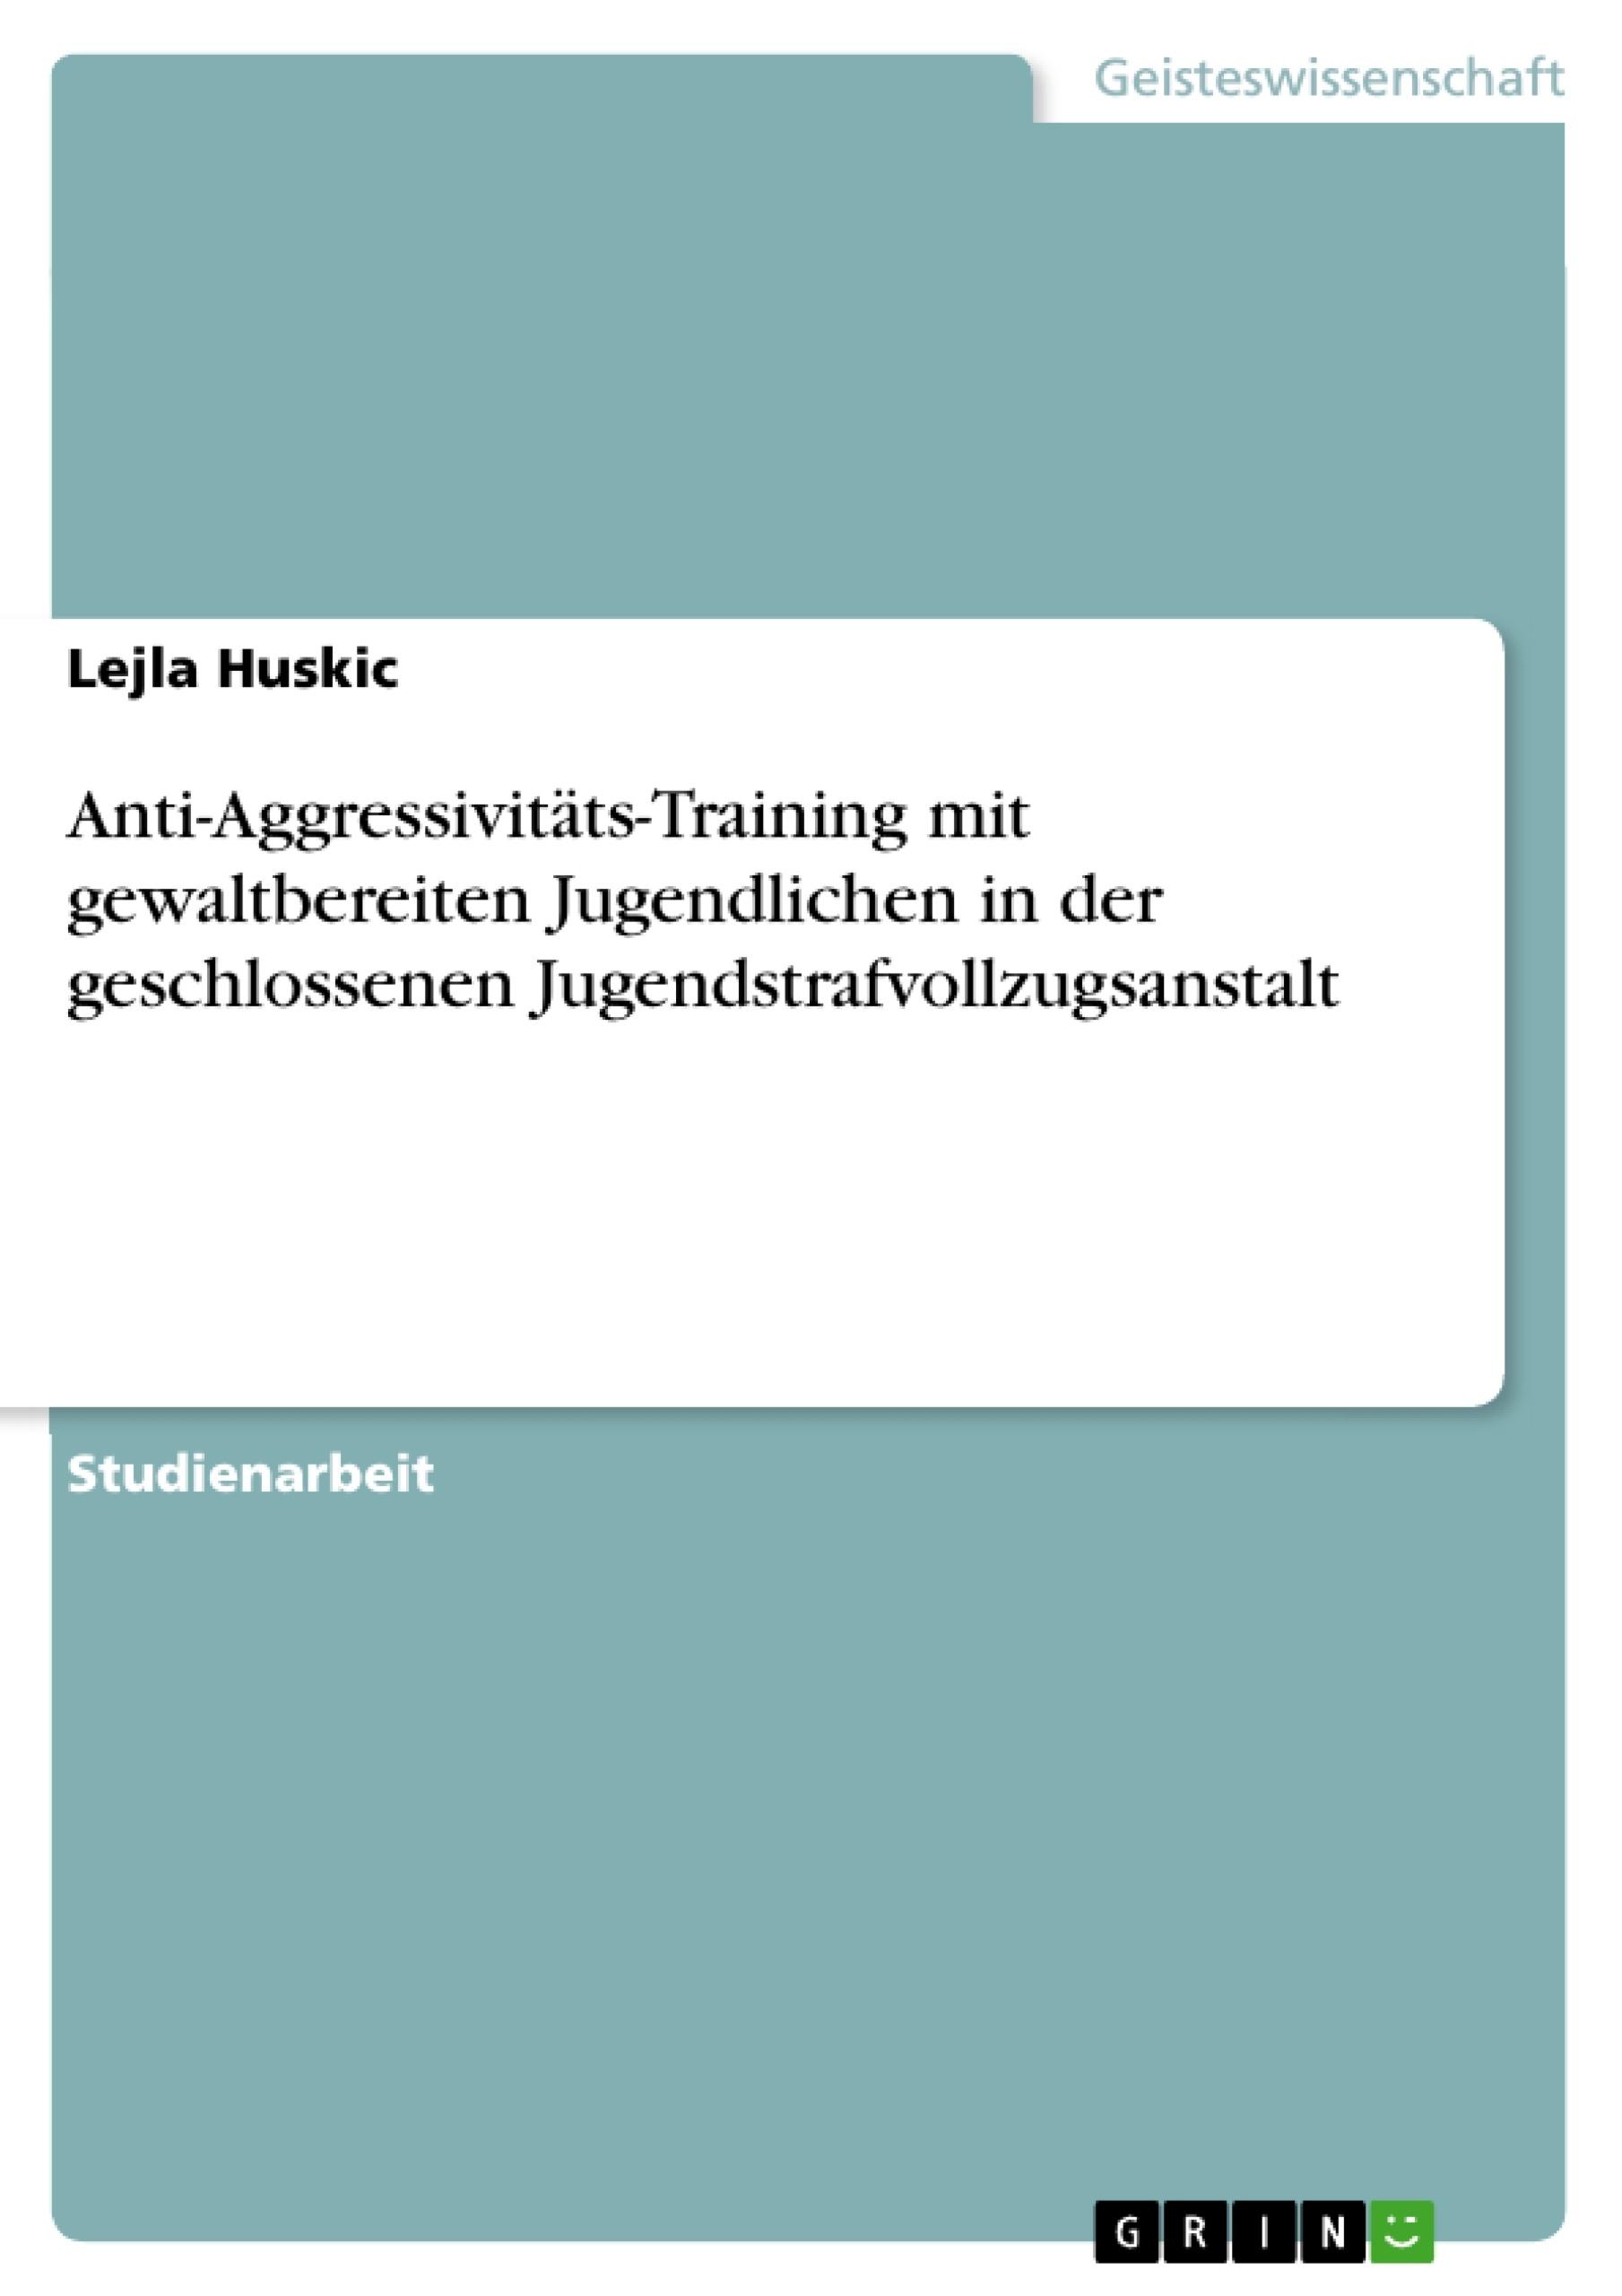 Titel: Anti-Aggressivitäts-Training mit gewaltbereiten Jugendlichen in der geschlossenen Jugendstrafvollzugsanstalt